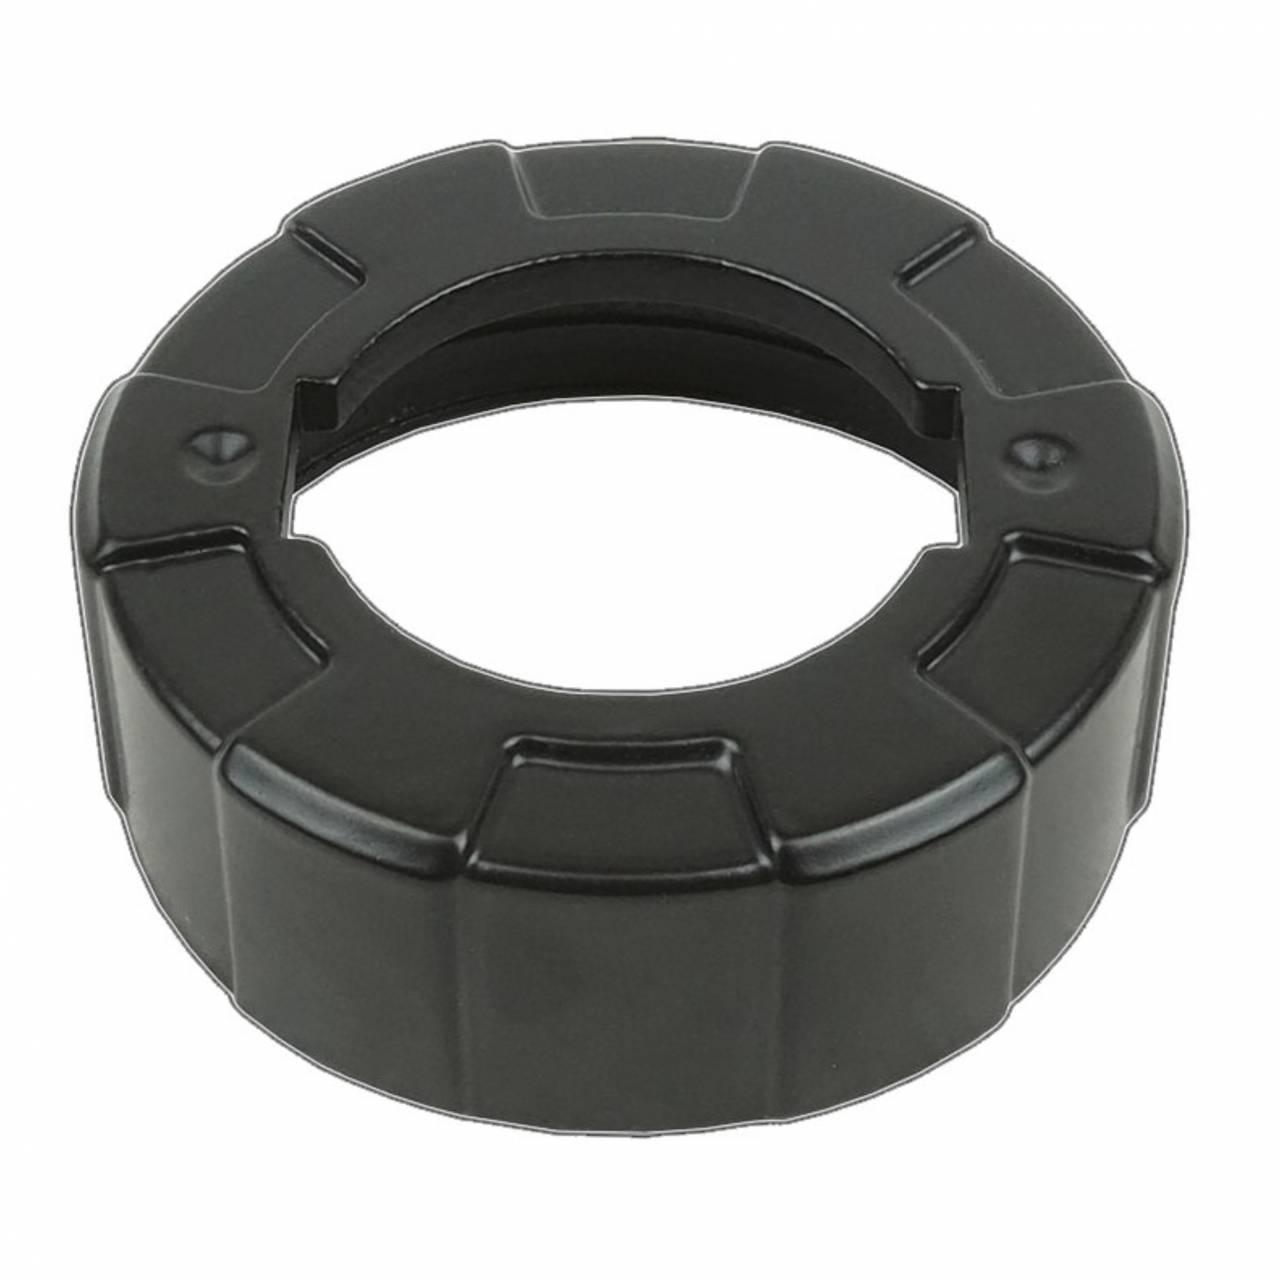 Überwurfmutter für Alurohrpresse FX7-40 und FX-60